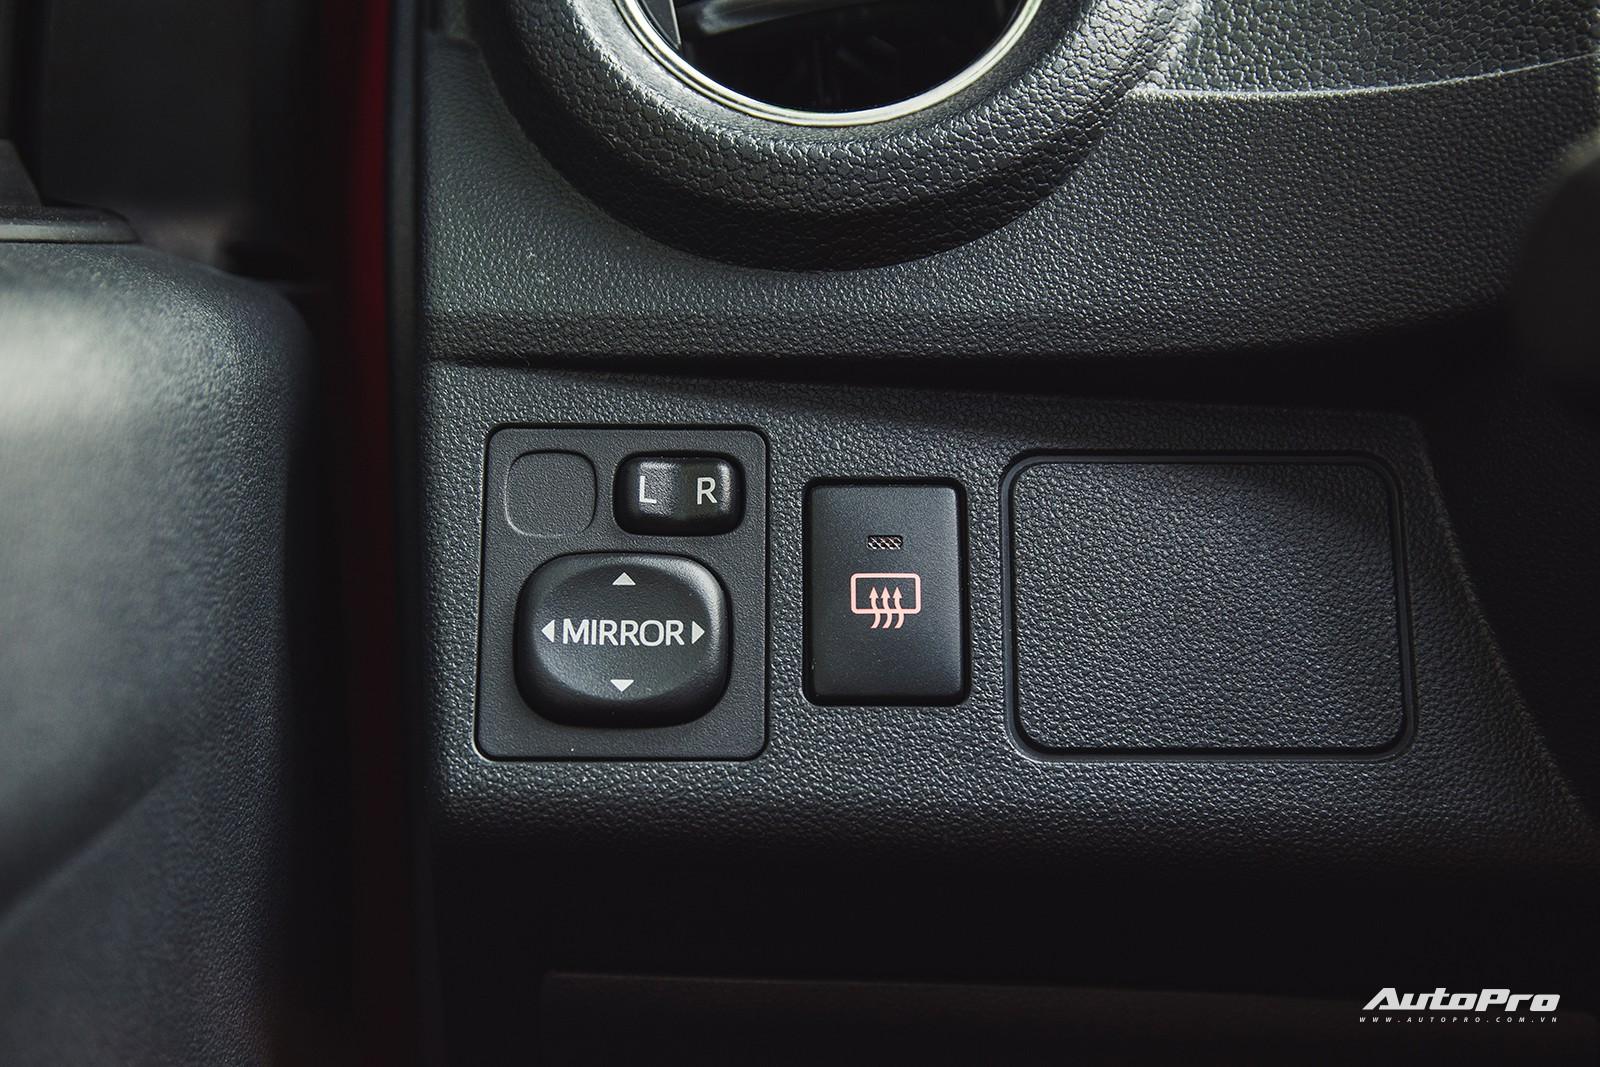 Điều này chắc chắn gây mất an toàn khi lái xe, lời khuyên cho những ai đang có ý định mua Toyota Wigo là nên chú ý tới điểm này.